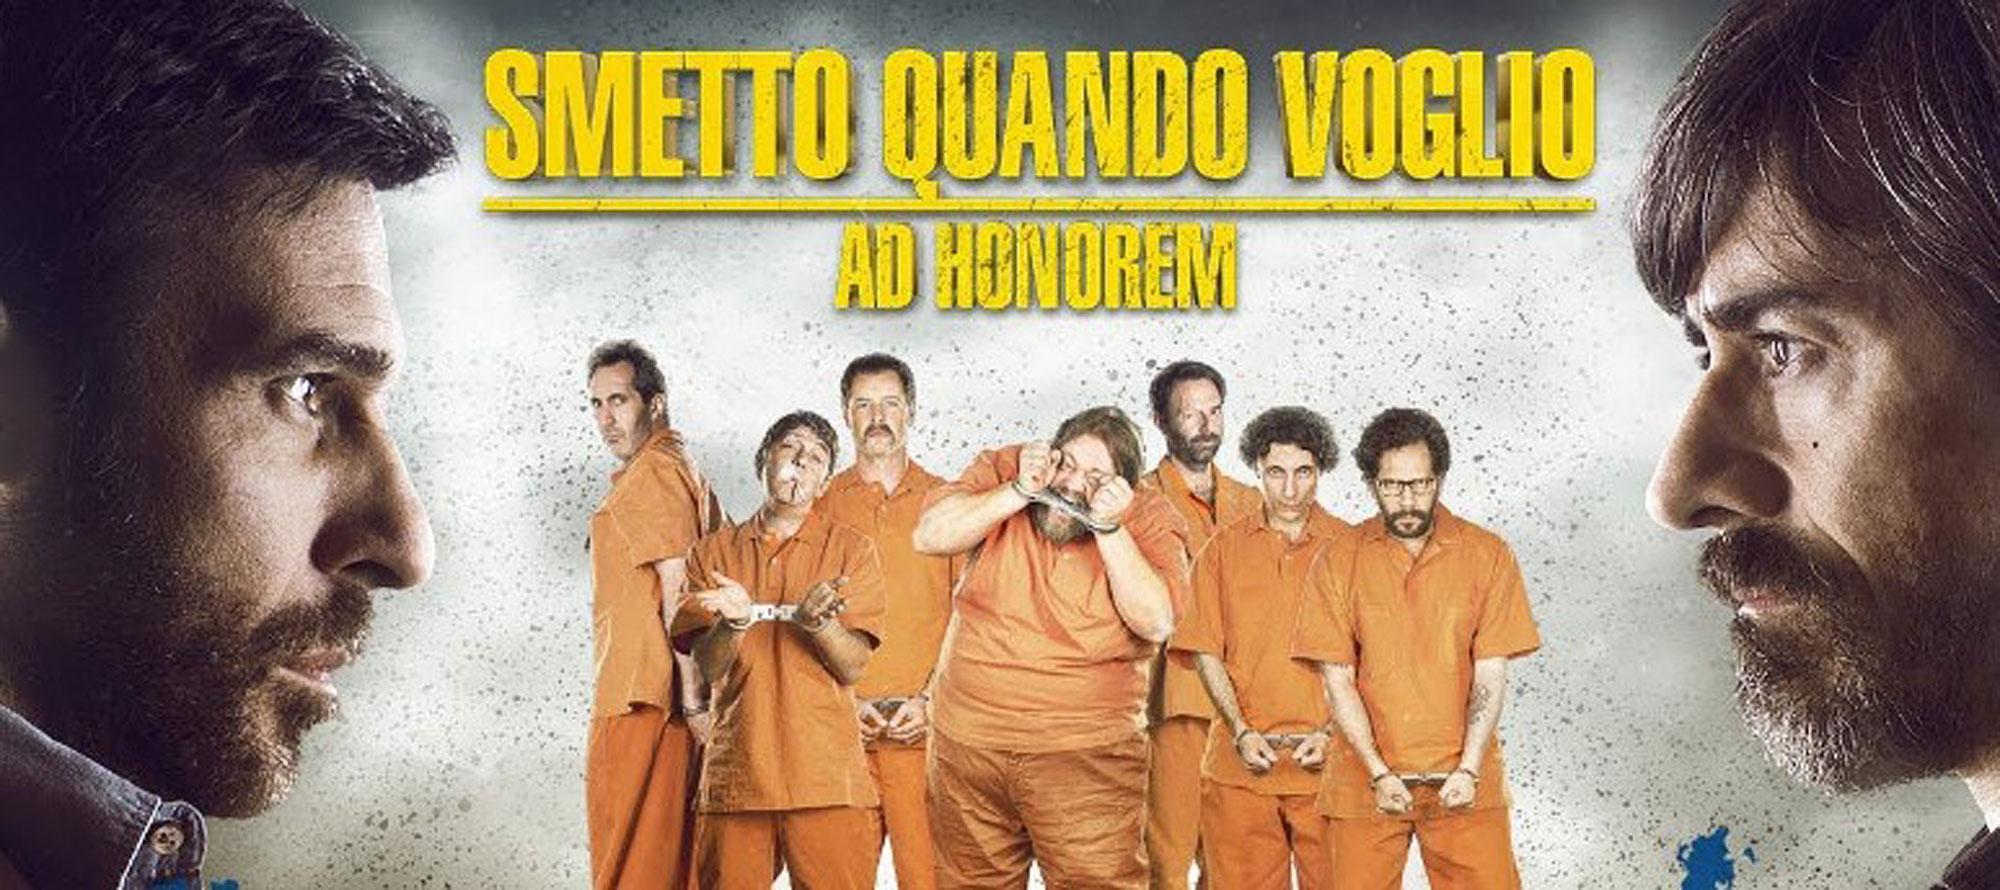 SMETTO-QUANDO-VOGLIO-AD-HONOREM_lslider